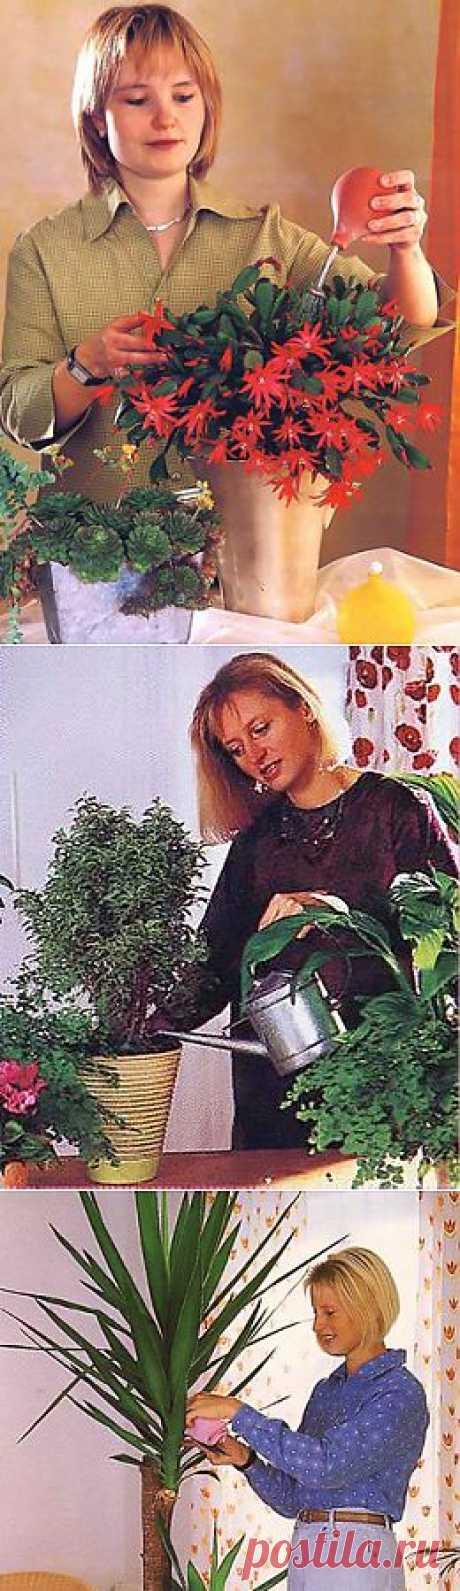 Уход за домашними цветами зимой. Вредители комнатных растений | Любимые цветы